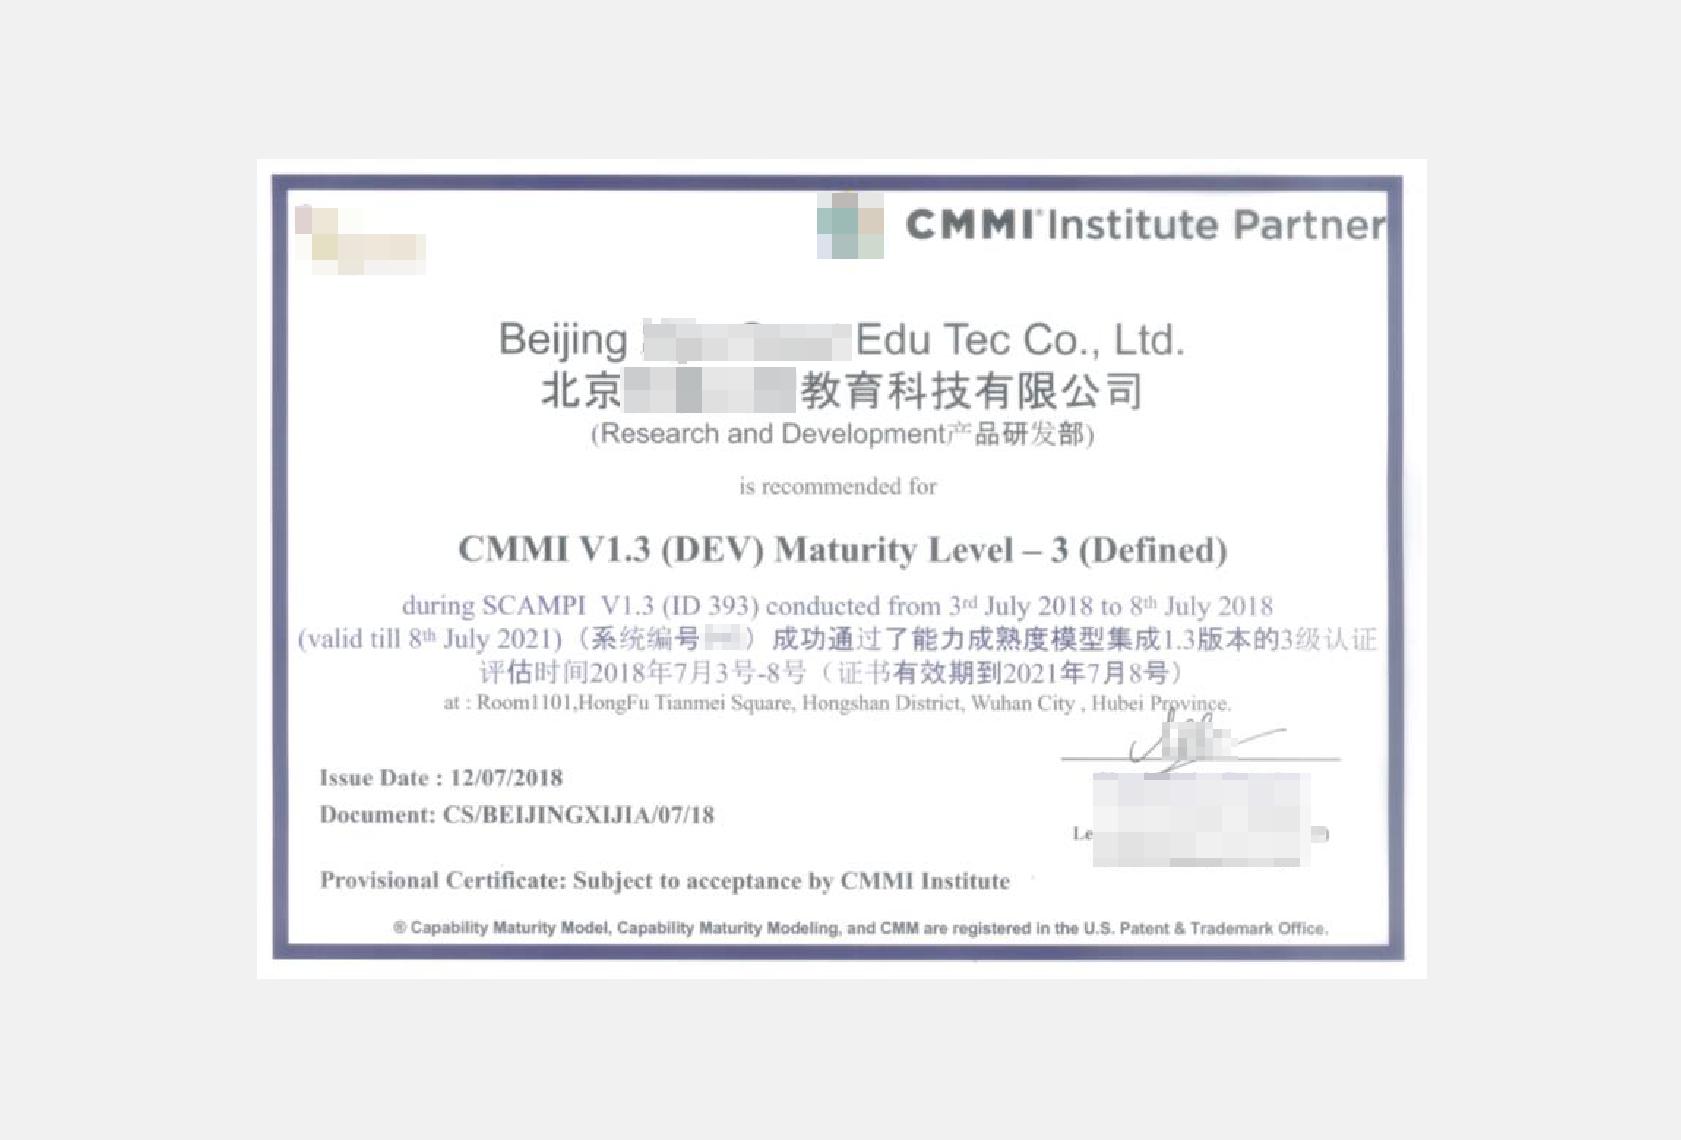 【助力投标】CMMI 能力成熟度模型集成资质证书